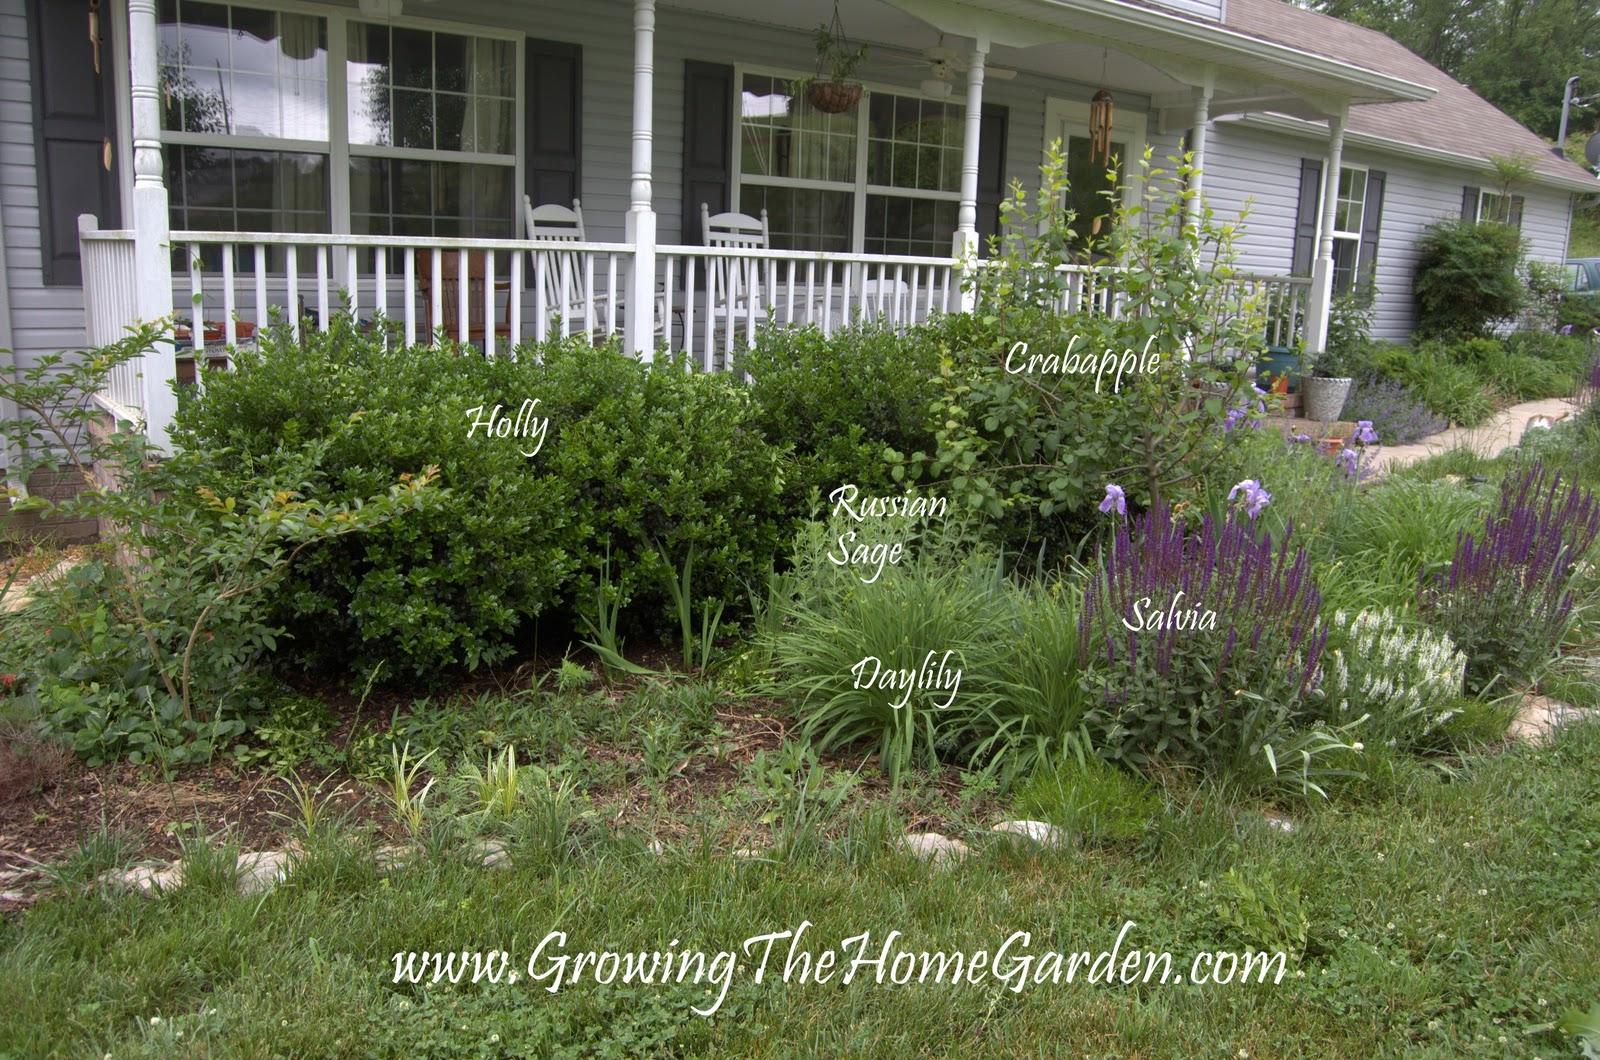 Beau My Front Porch Garden Design Project Part 1